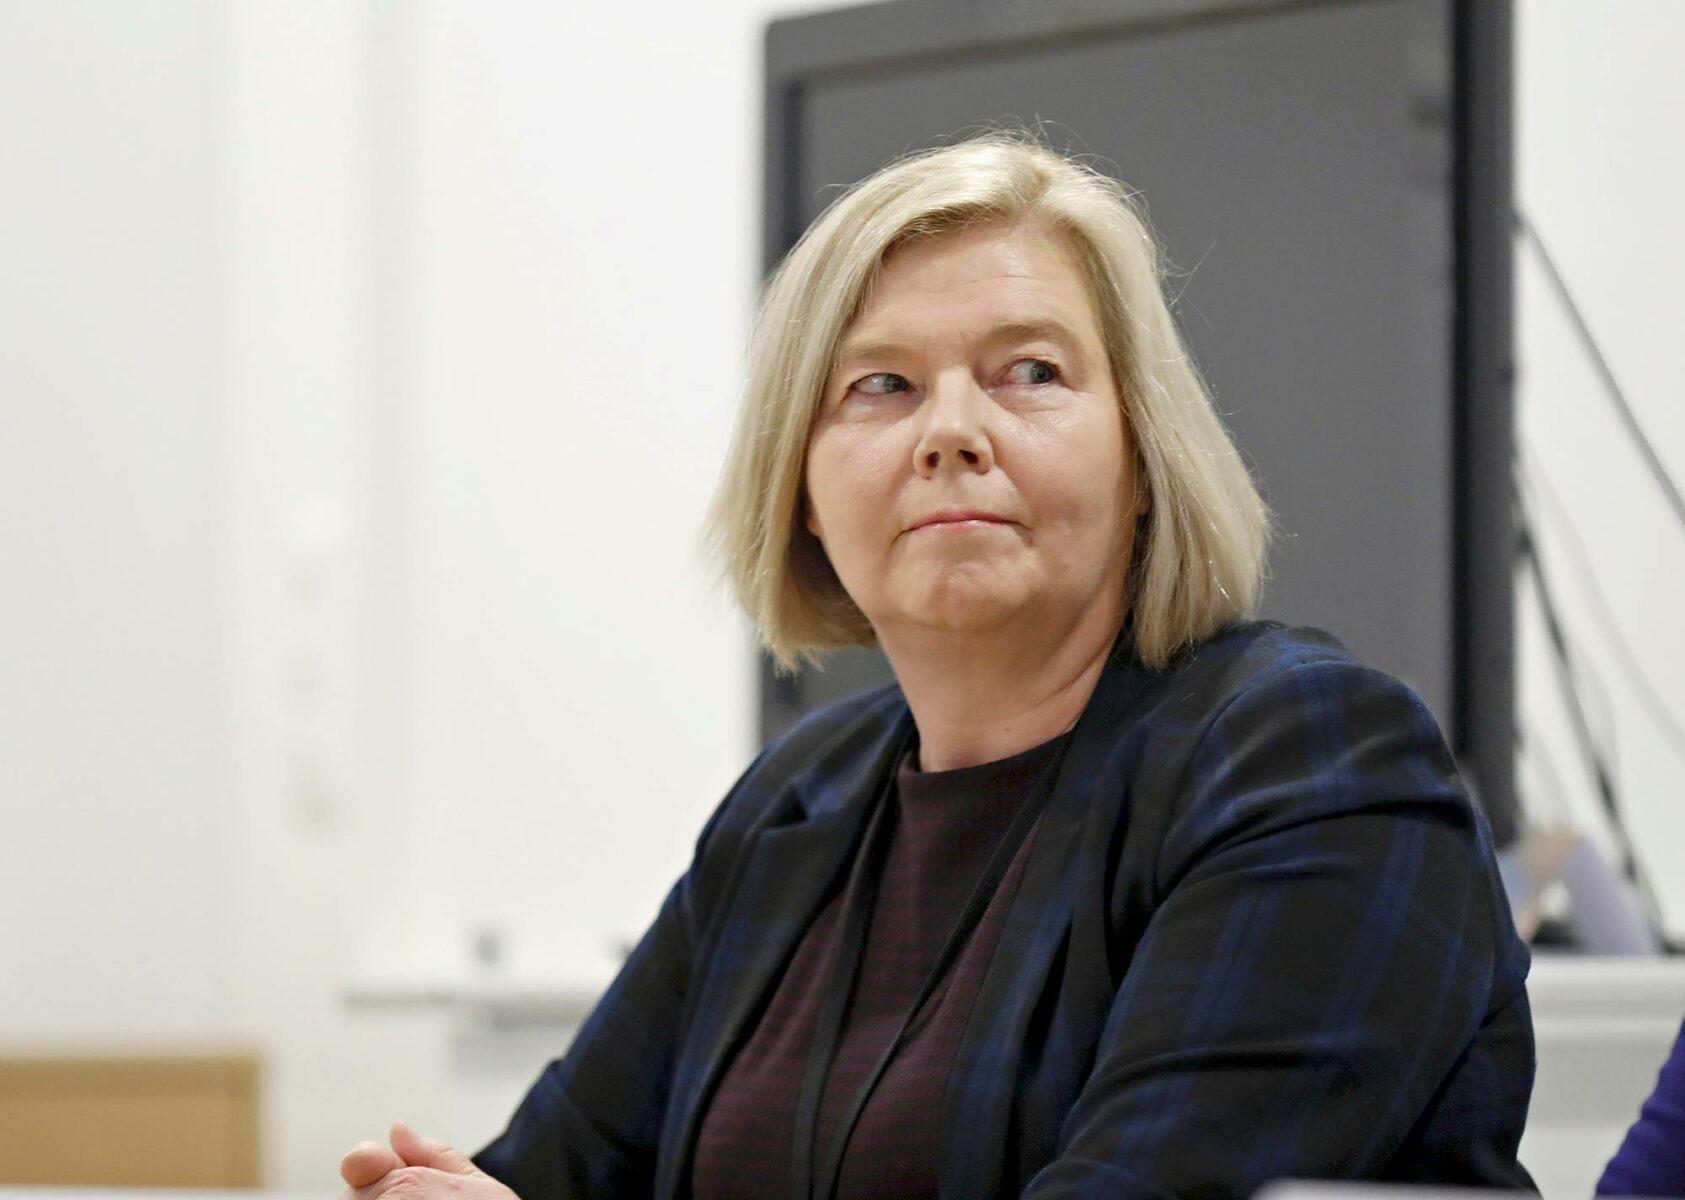 Tampereen yliopiston rehtori Mari Walls.